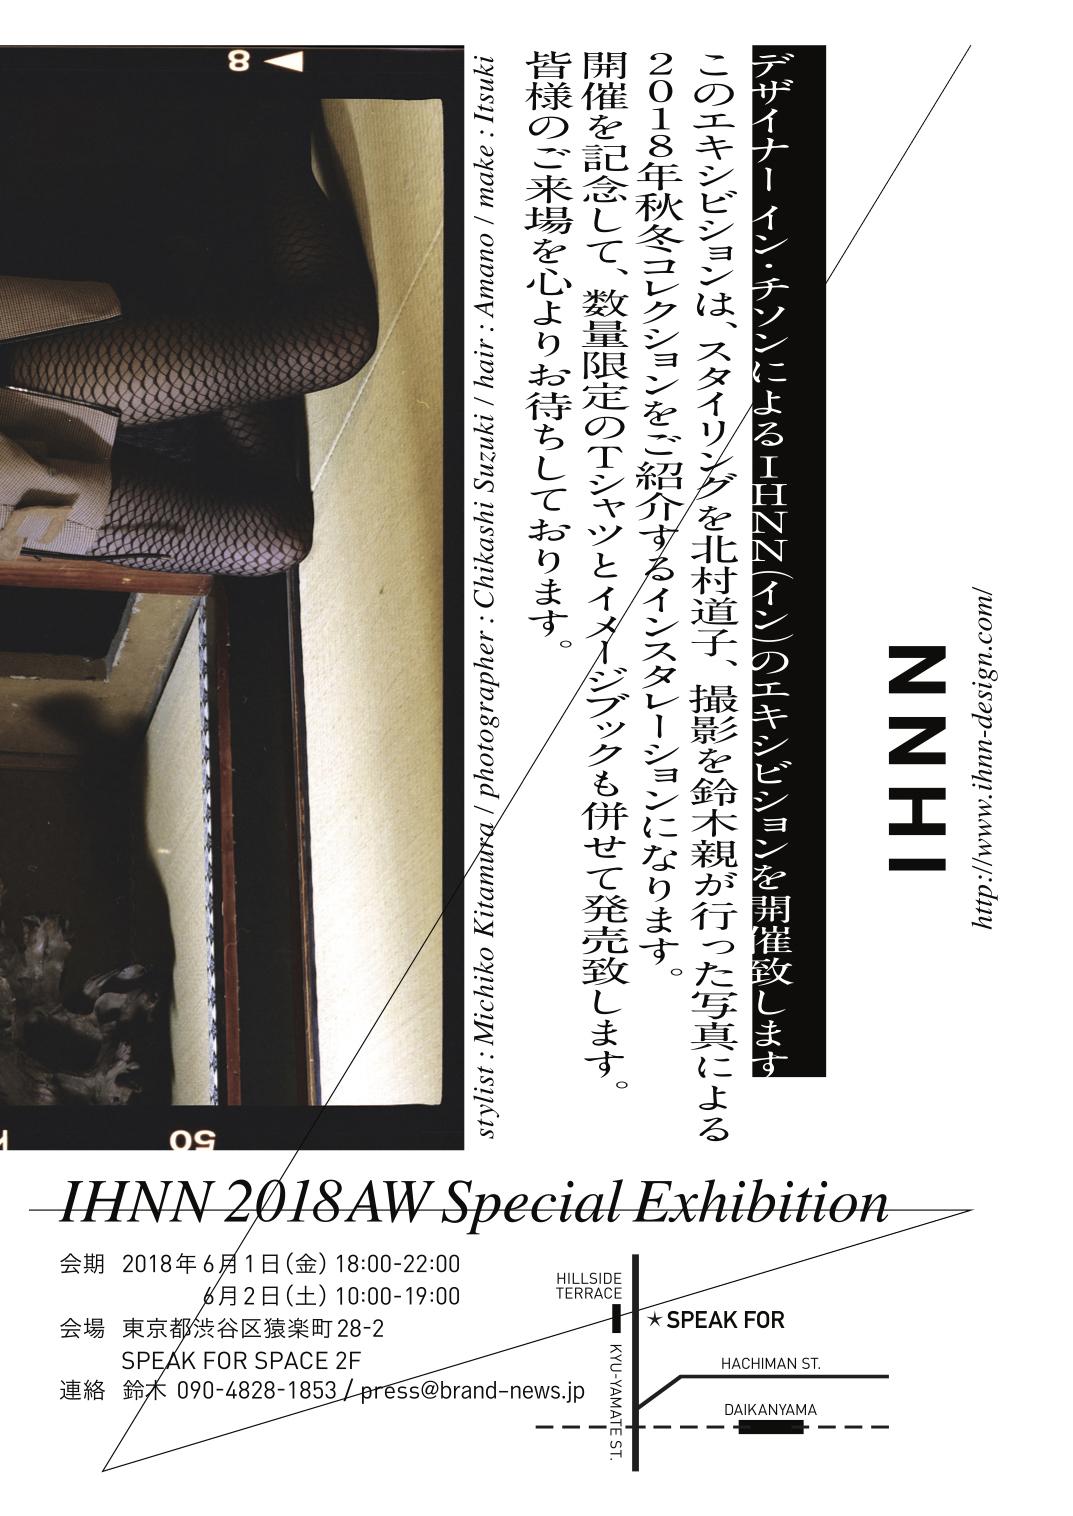 IHNN 18AW INVI (陬・